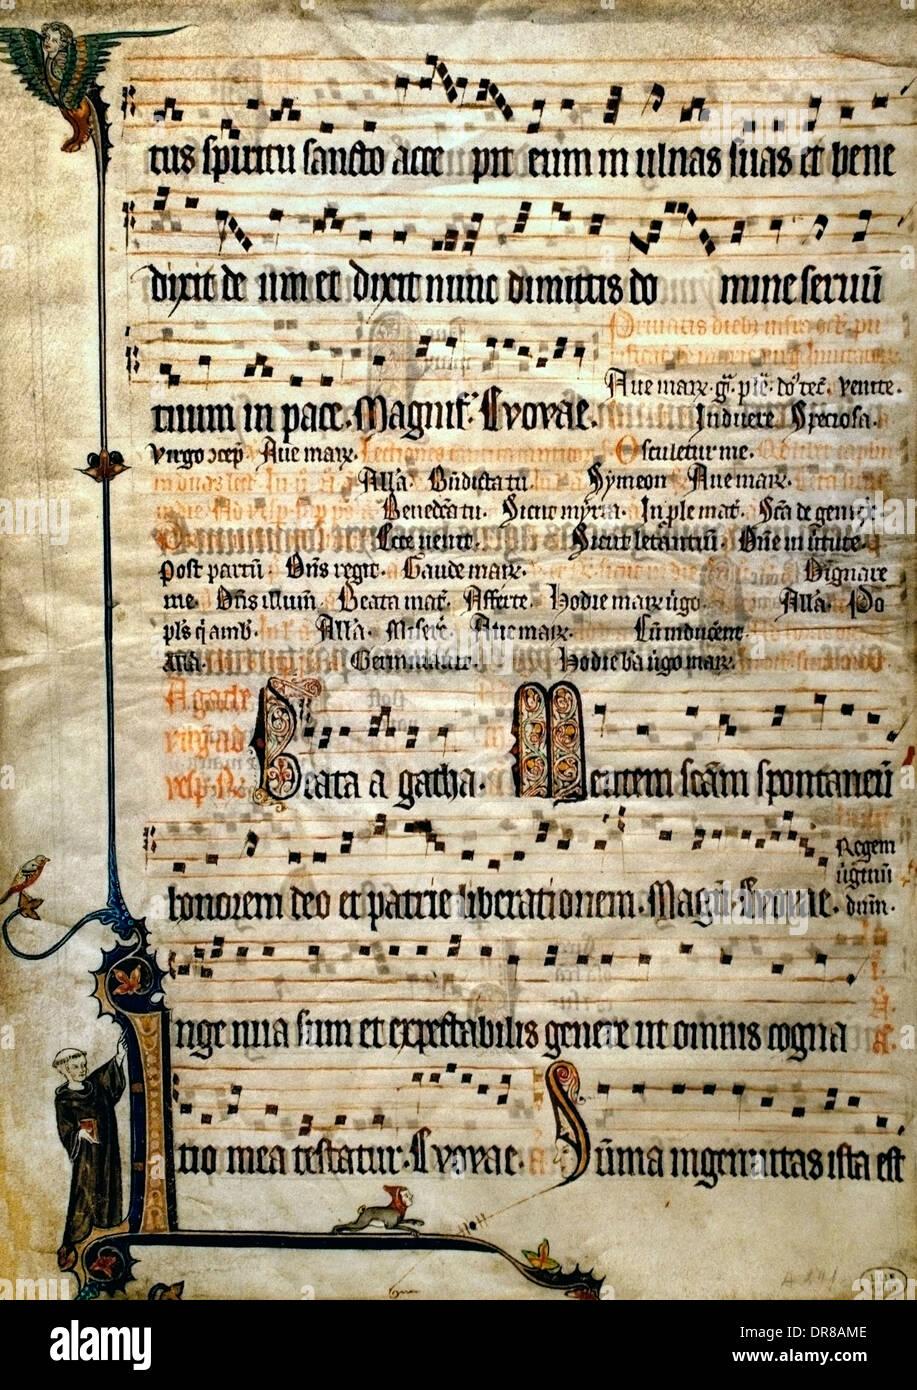 Hoja de un antiphonal flamenca de Flandes Brujas o Gante 1310-1320 Festivales de purificación y Santa Águeda ( Bélgica ) Belga Imagen De Stock